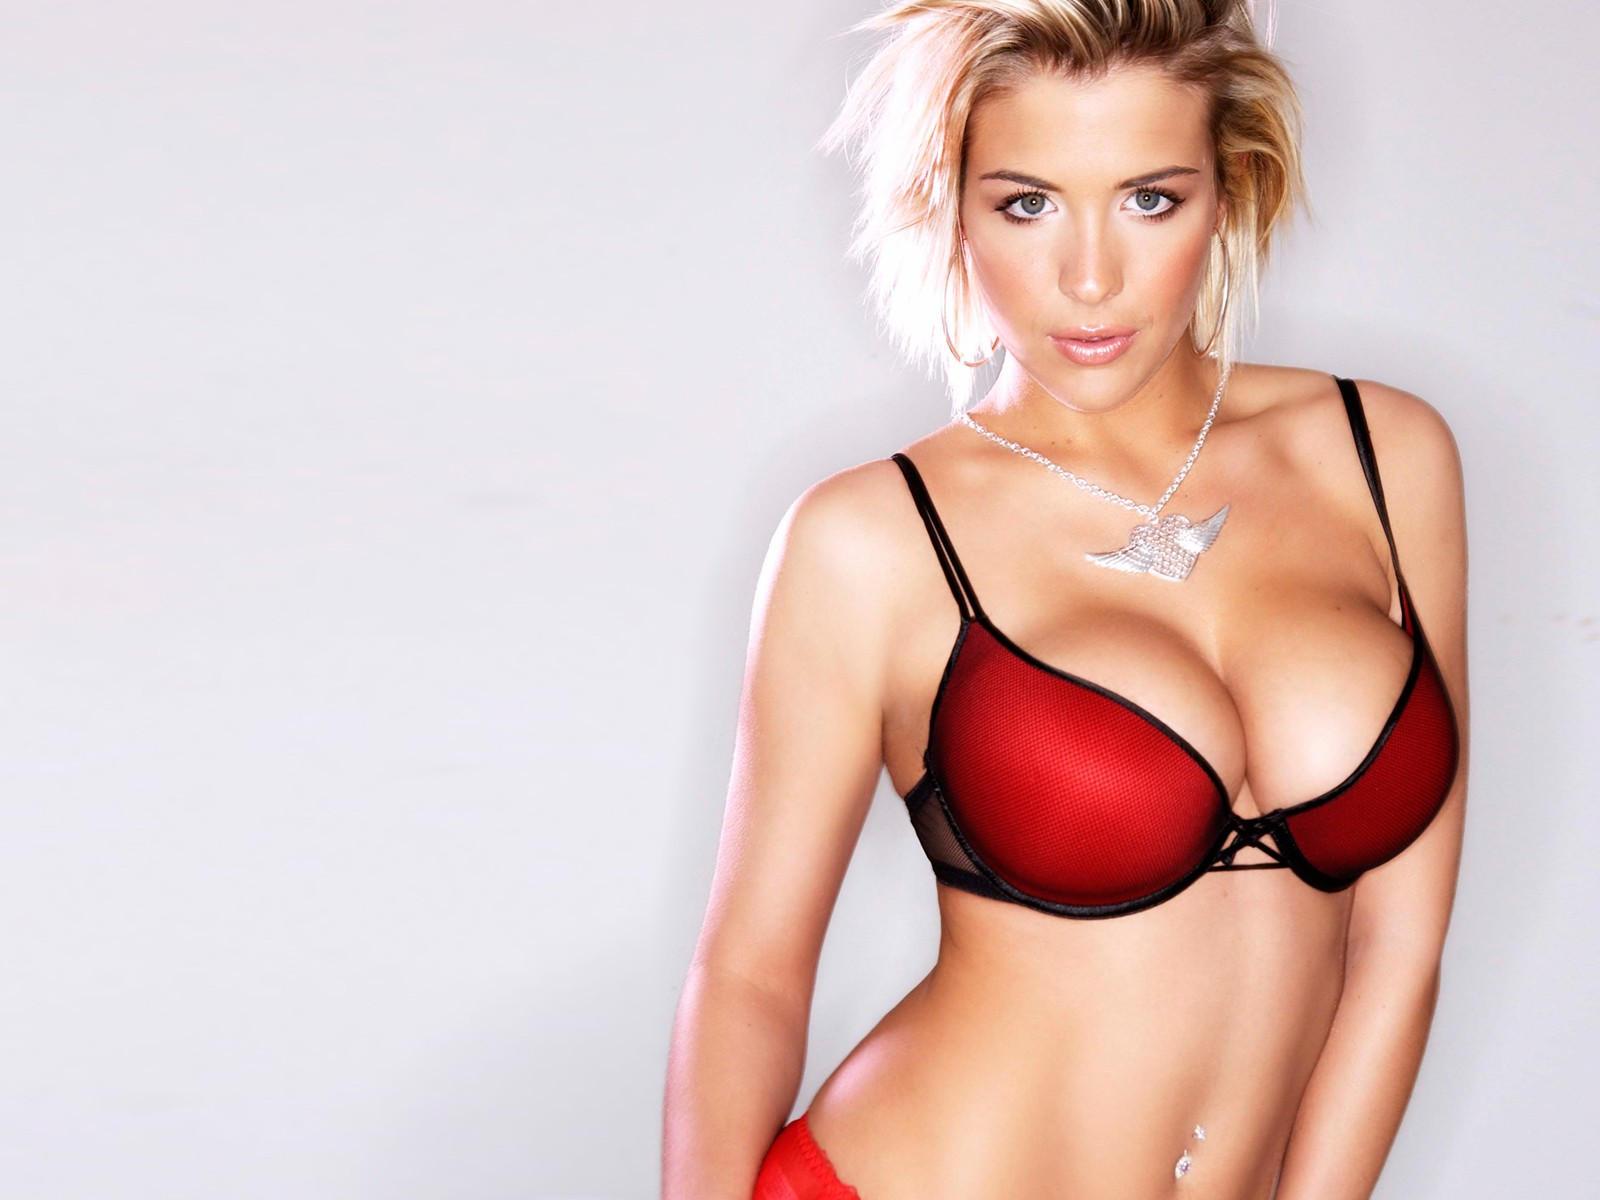 Смотреть порно с молоденькими красотками бэйби 1 фотография